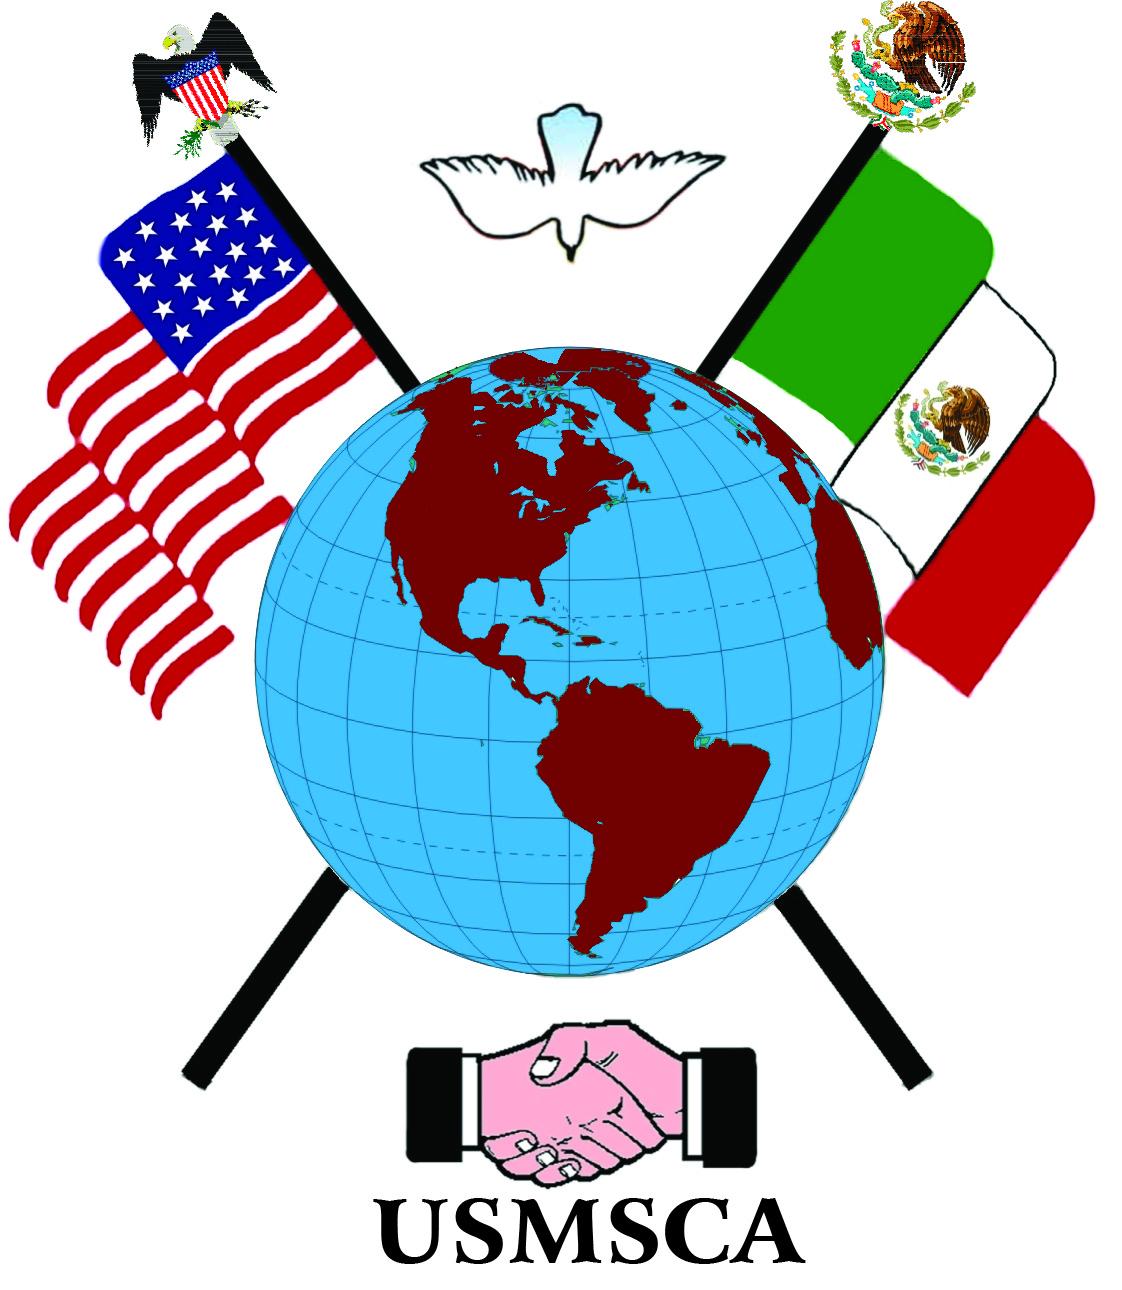 www.usmsca.org